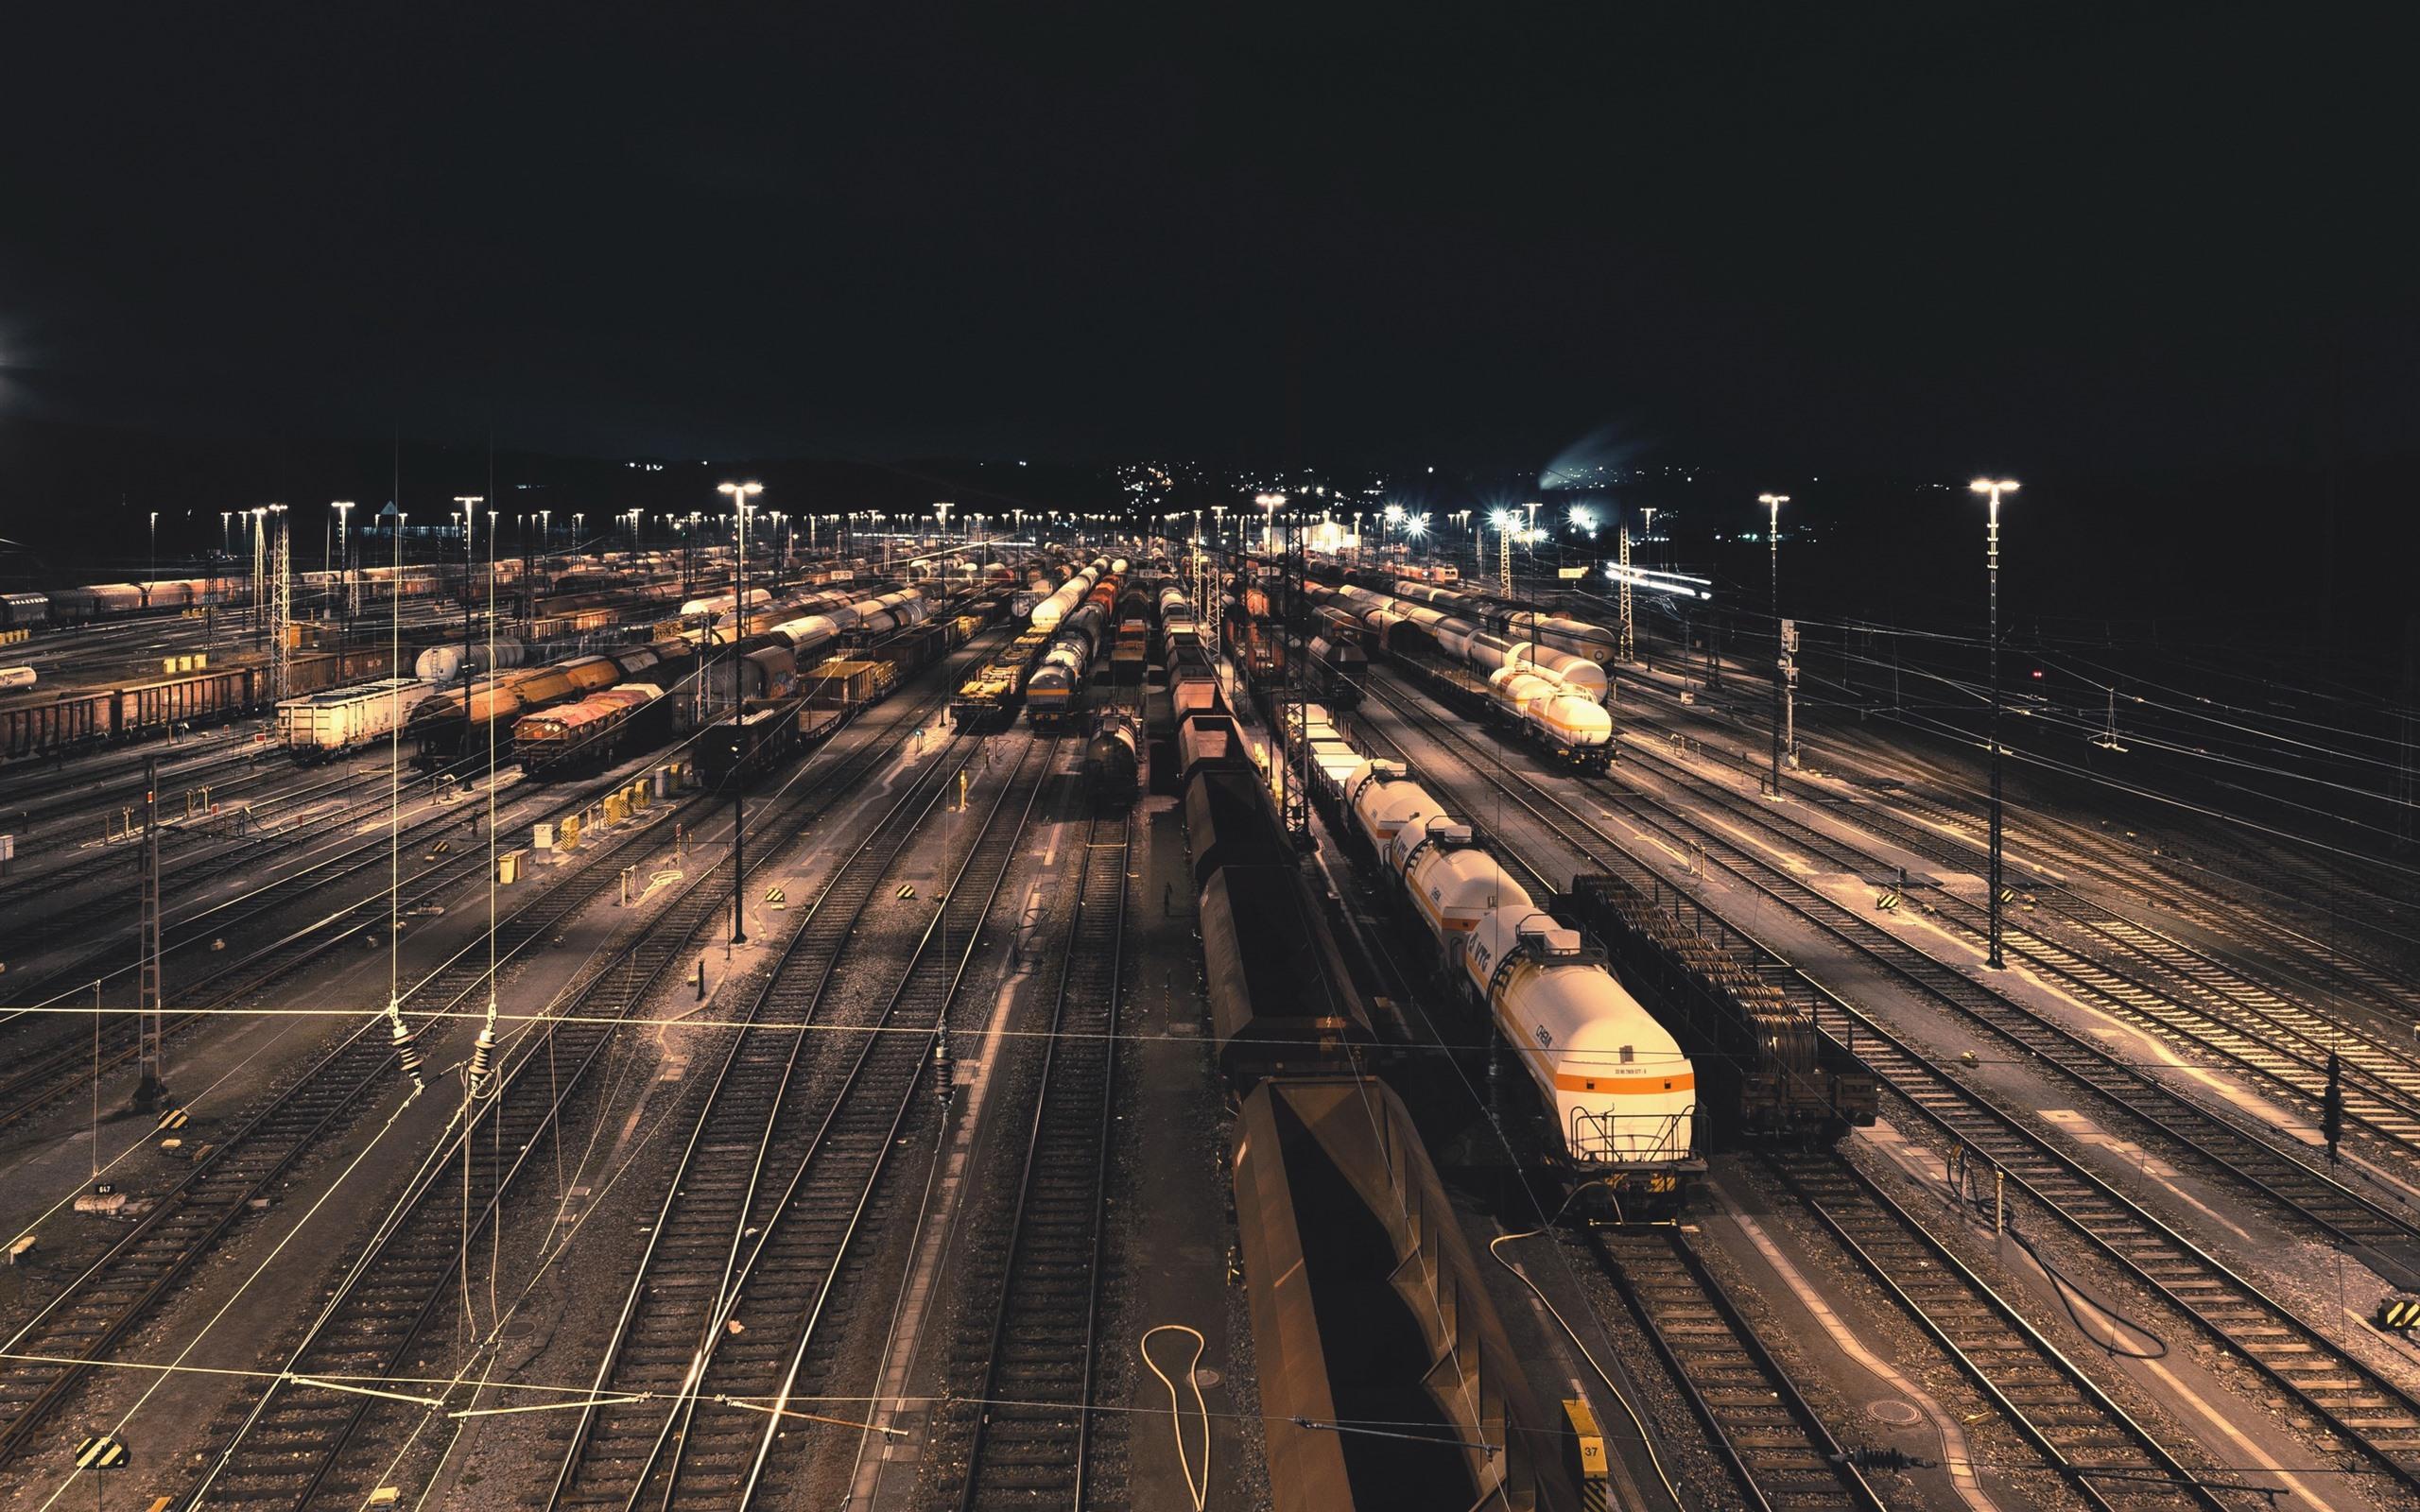 Wallpaper Train Station Railroad Night 2560x1600 Hd